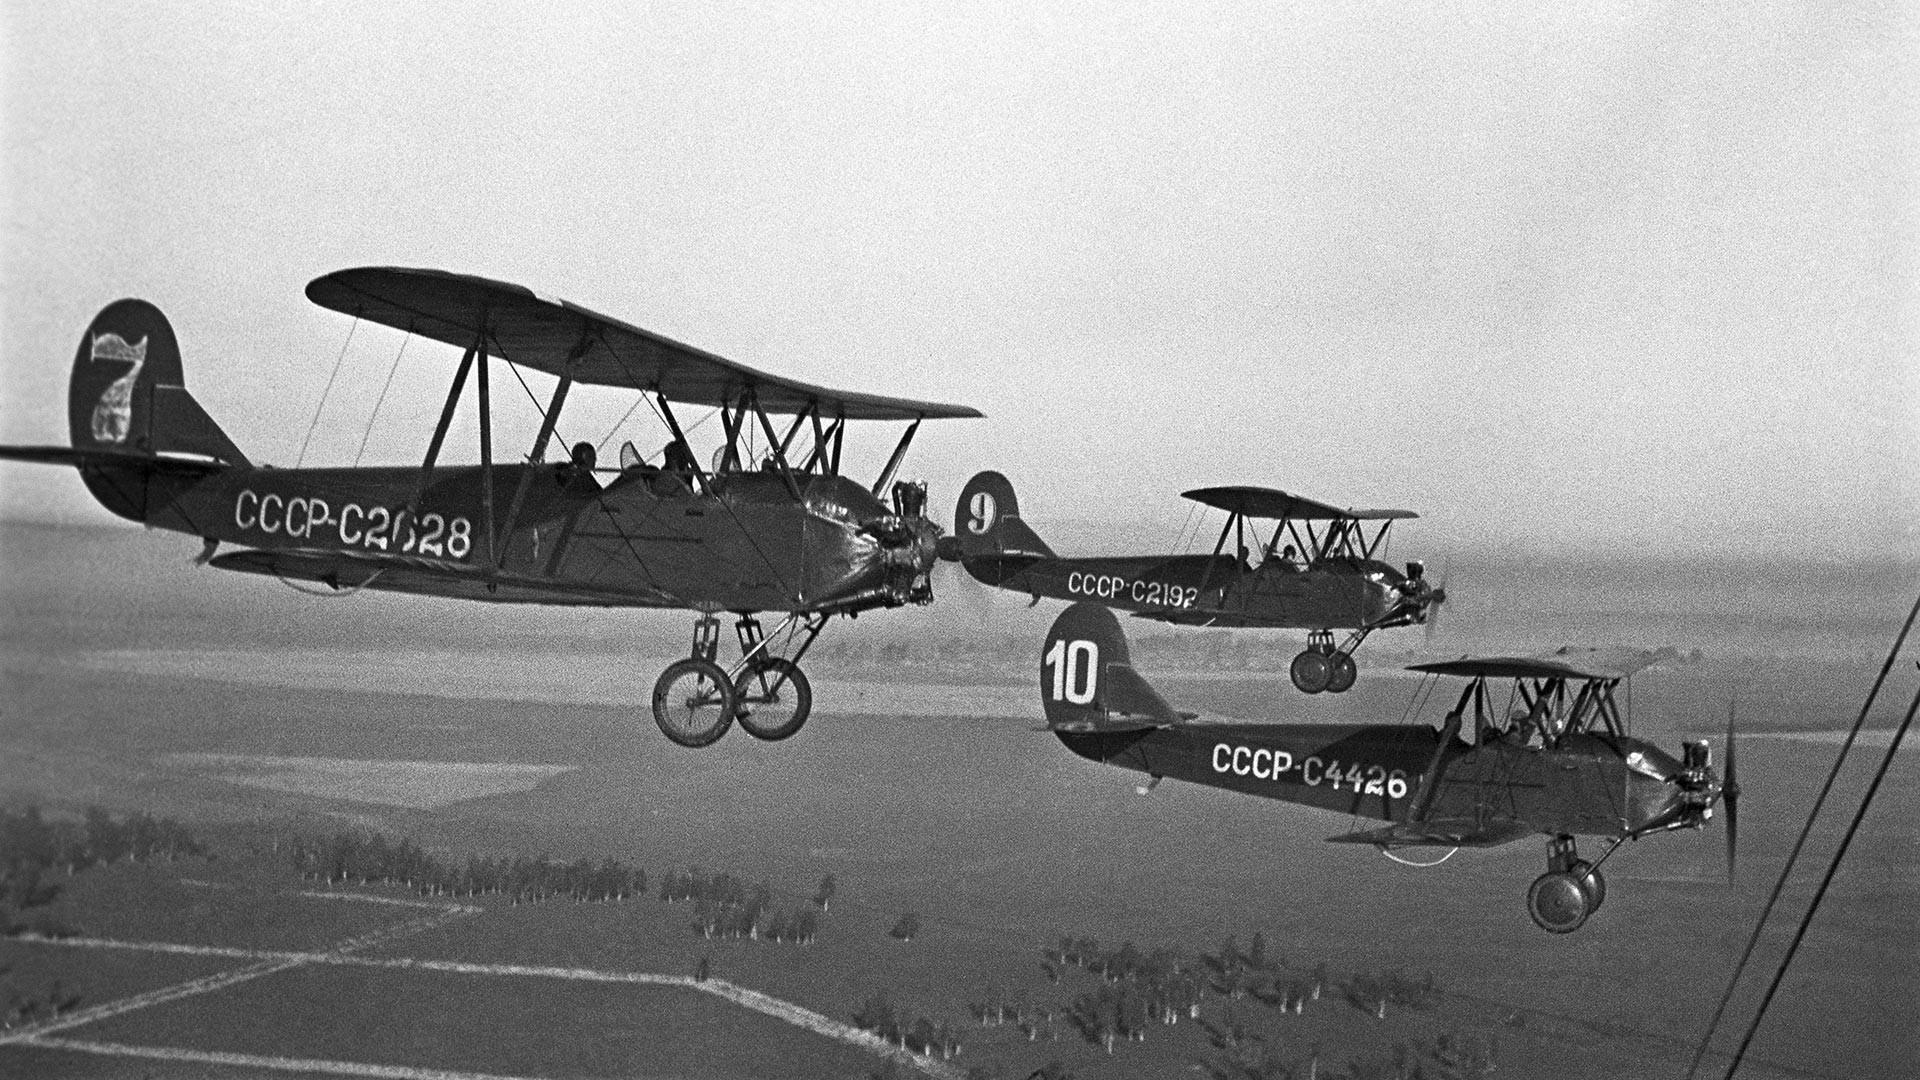 Grad Gorki (danas Nižnji Novgorod), aeroklub, 1940. U zraku su vježbovni avioni U-2.